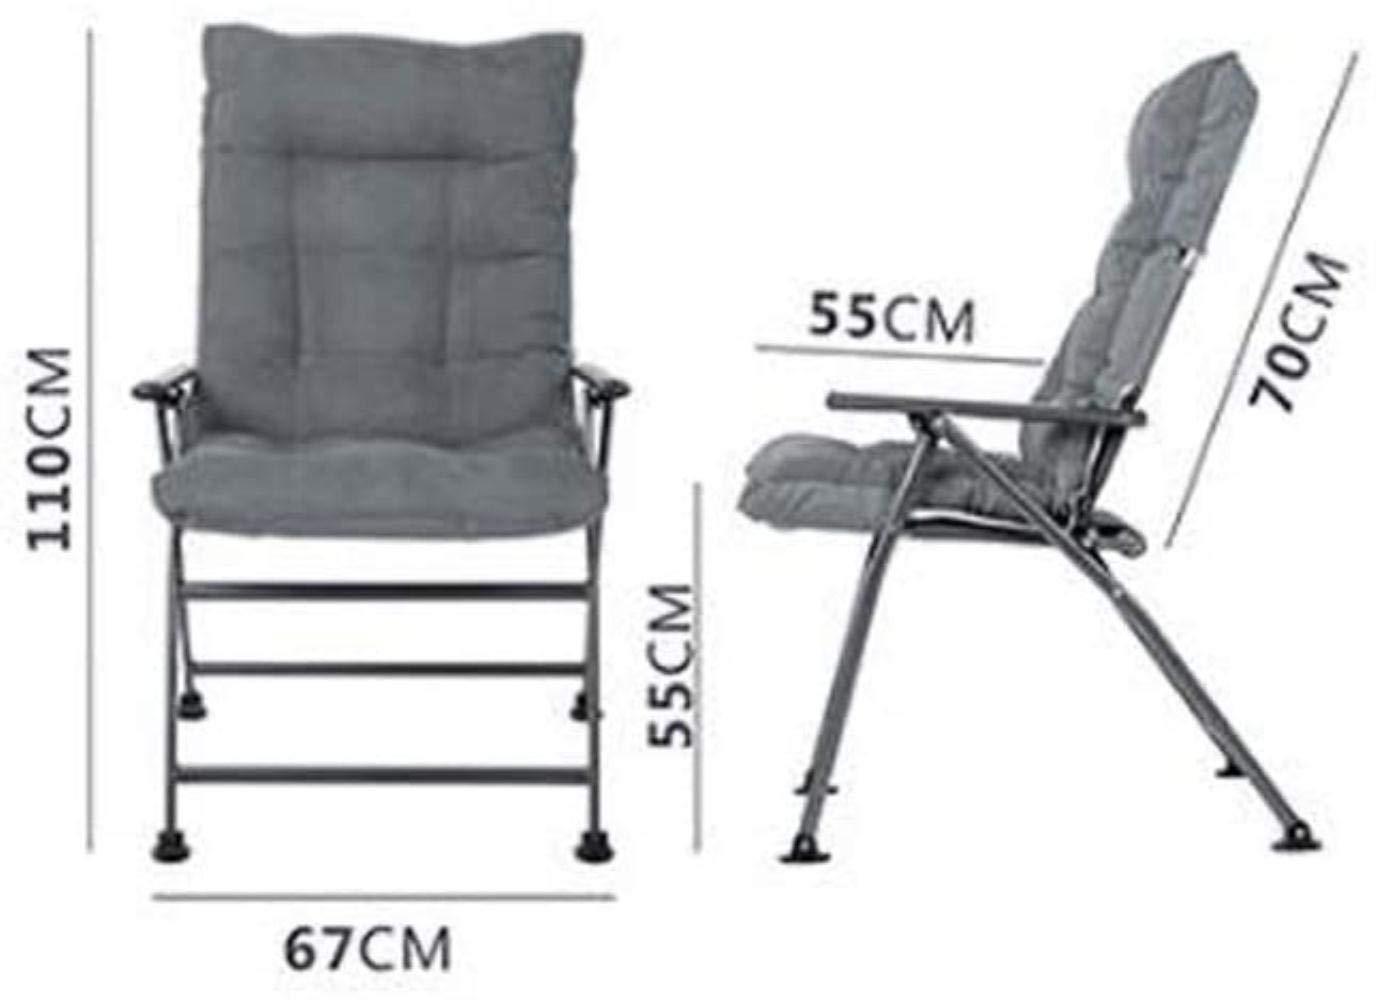 Fällbara stolar kontorsstol Siesta College sovsal dator stol rygg soffa stol avtagbar tvättbar fåtölj (färg: Blå) Grått